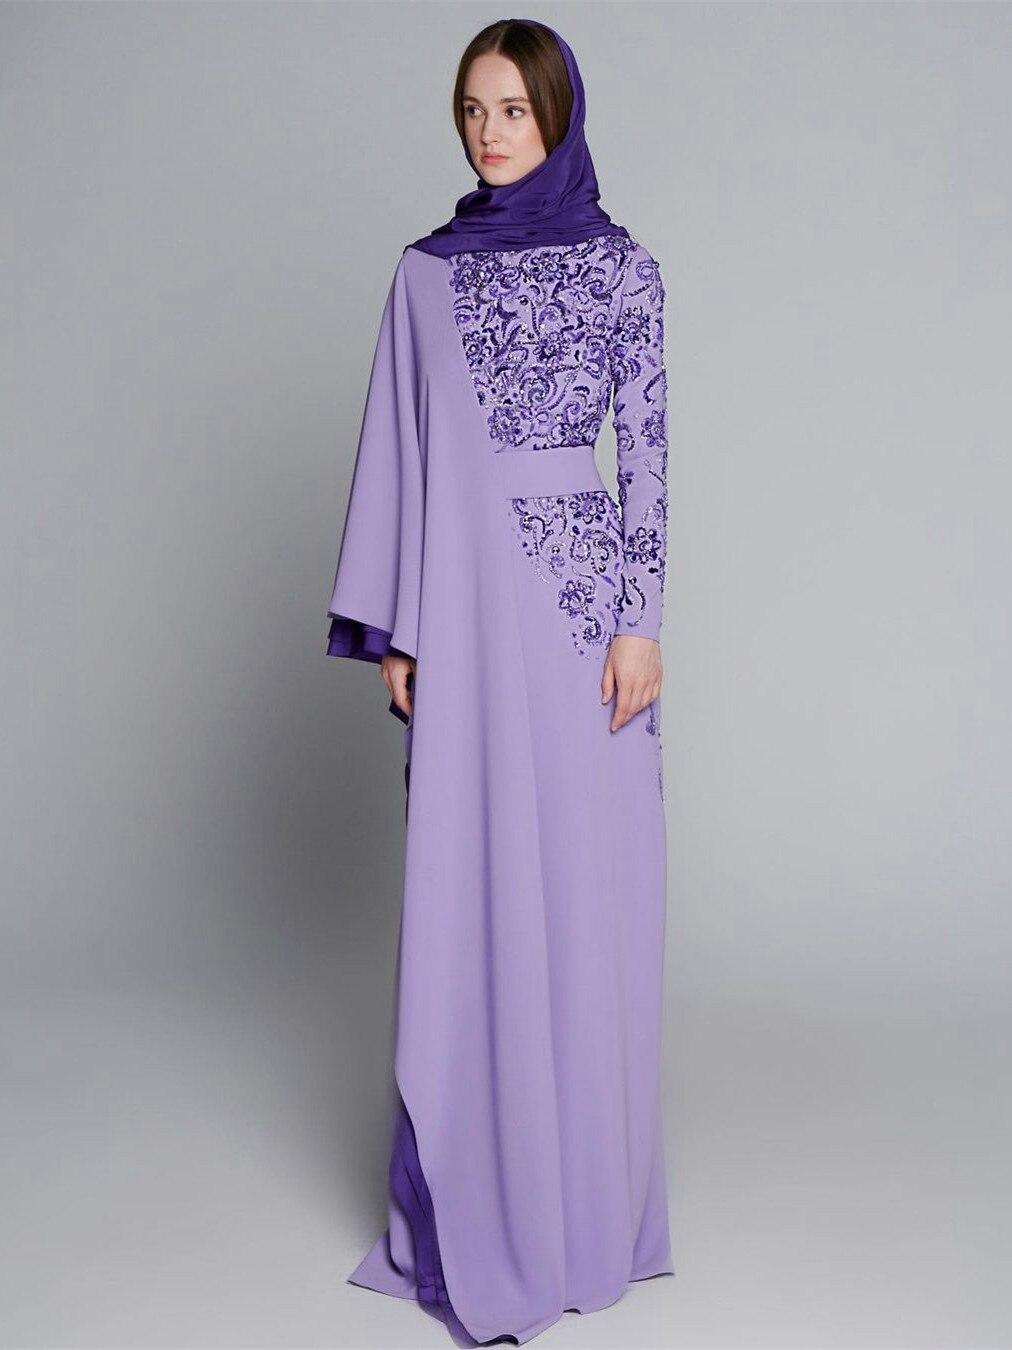 فساتين سهرة قفطان عربية أرجوانية بأكمام طويلة من الشيفون مطرز بالخرز ترتر مسلم للحفلات الراقصة